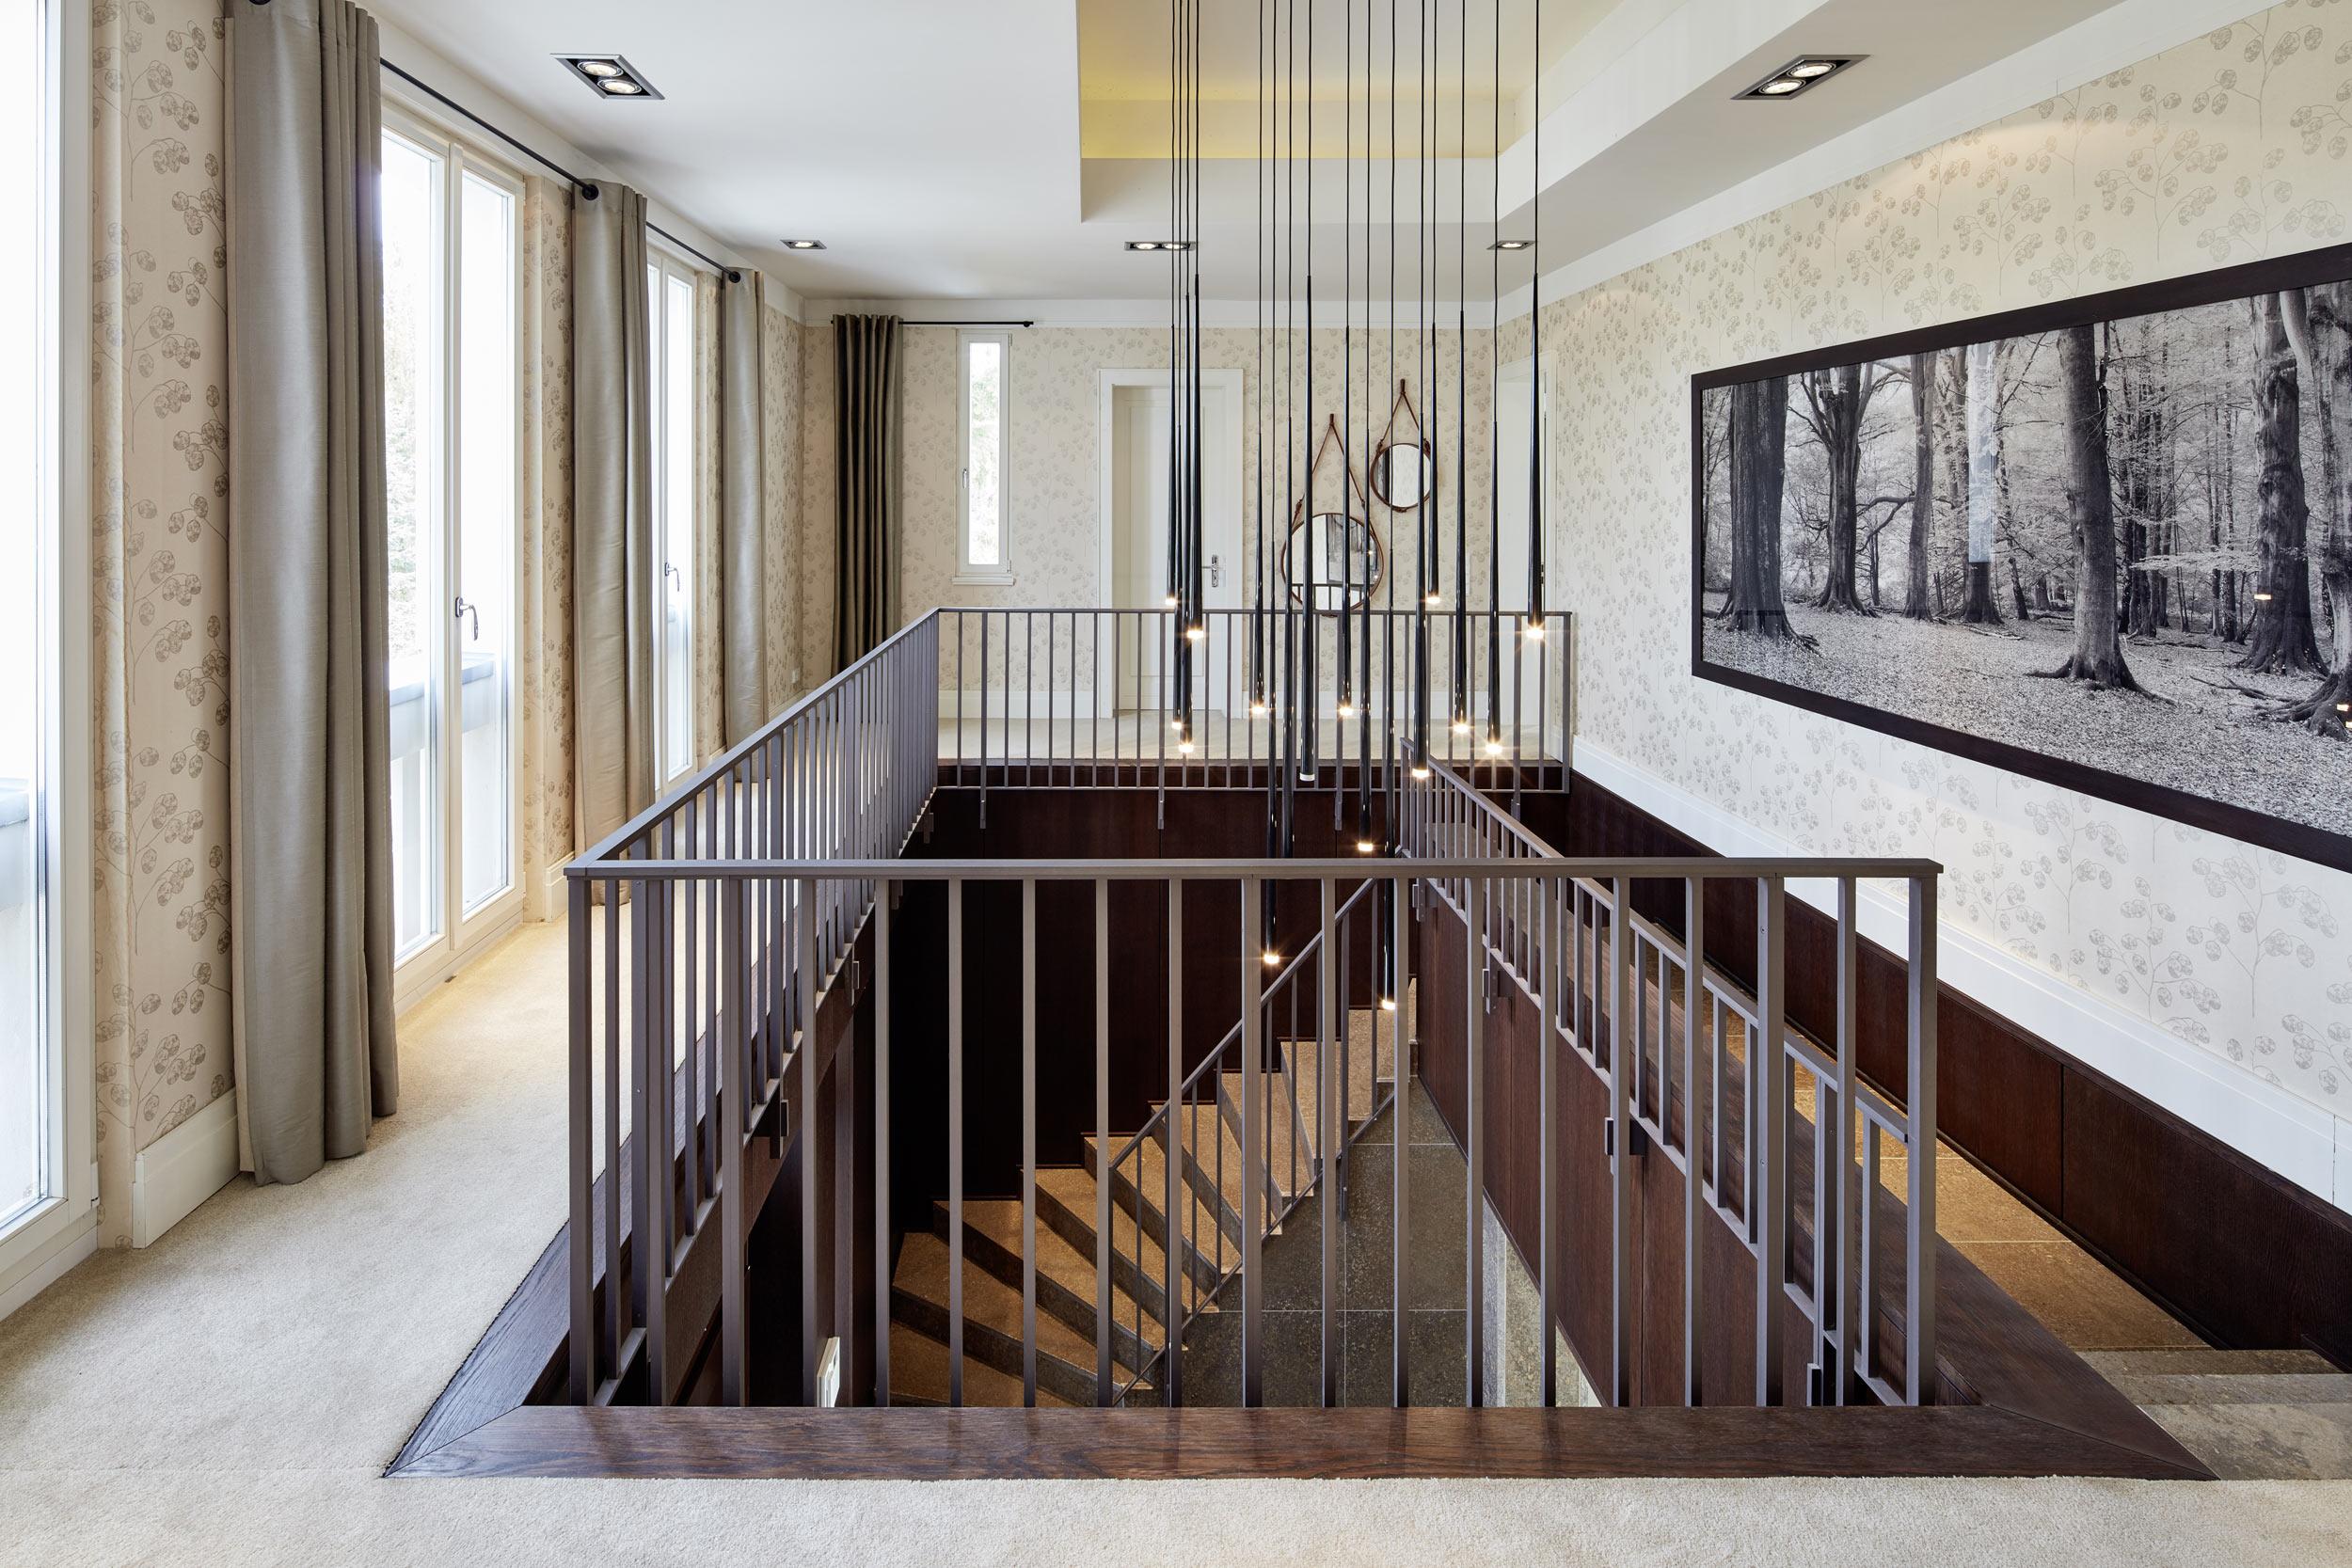 Neubau einer Villa in klassisch-traditioneller Architektursprache - Die Galerie im Obergeschoss mit einem Metallgeländer aus Baubronze